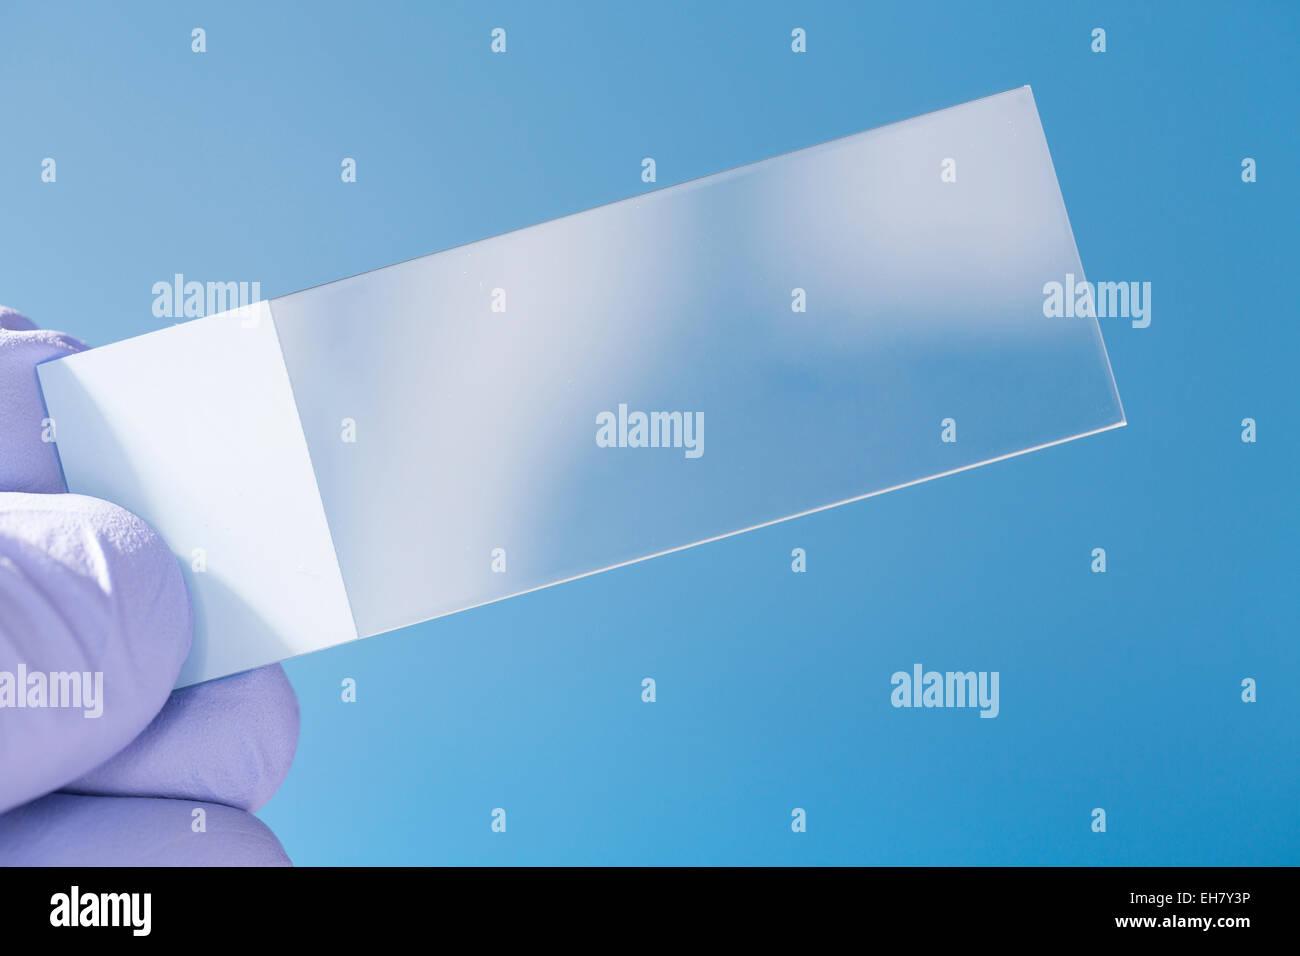 Mano azienda vuoto diapositiva per microscopia Immagini Stock